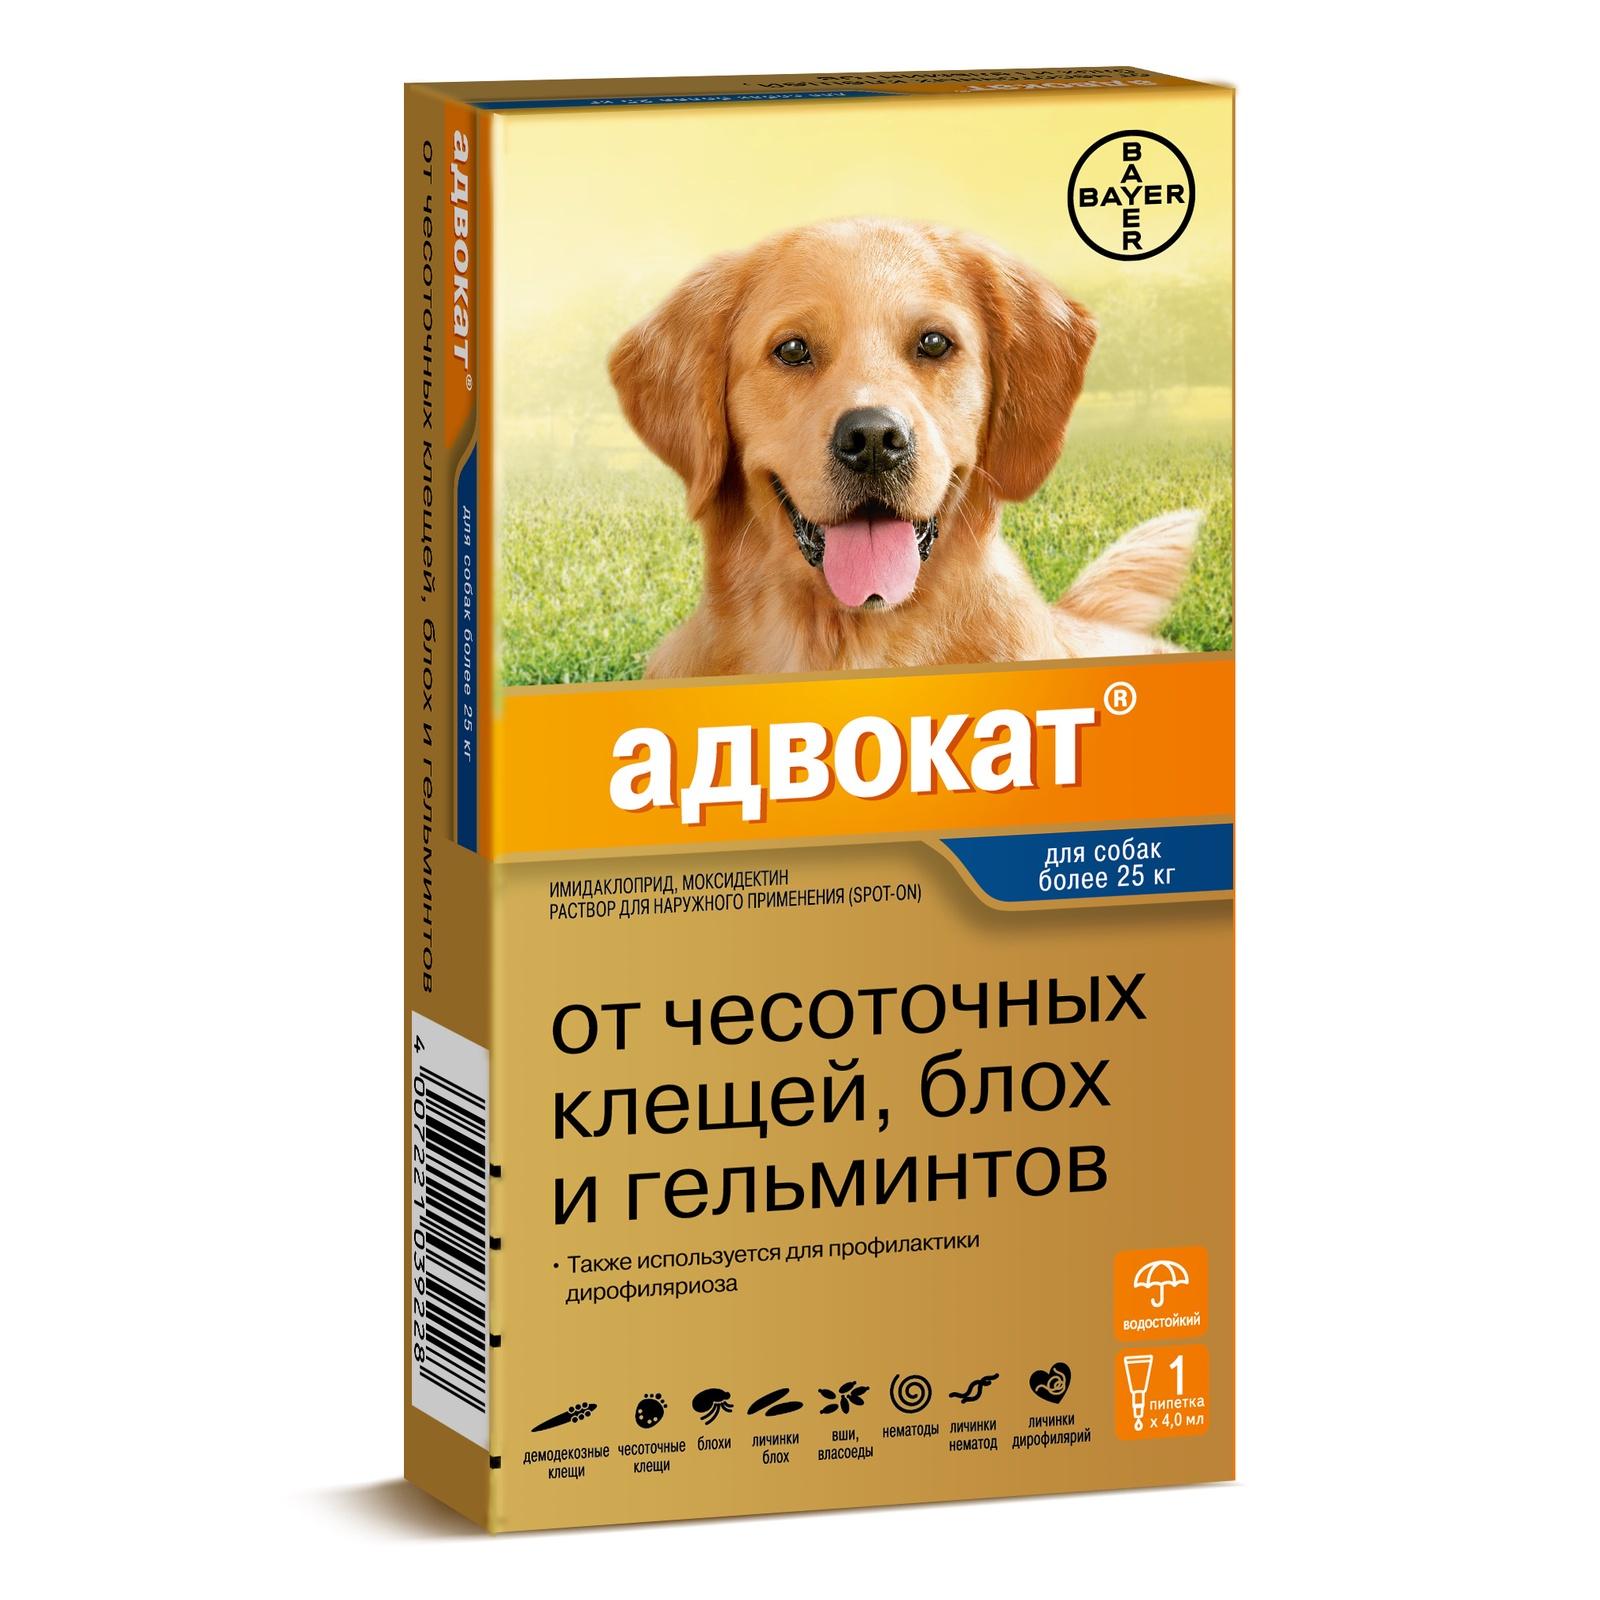 Bayer Golden Line Адвокат 400 для щенков и собак от клещей,блох,глистов (масса более 25 кг) (3 пипетки)